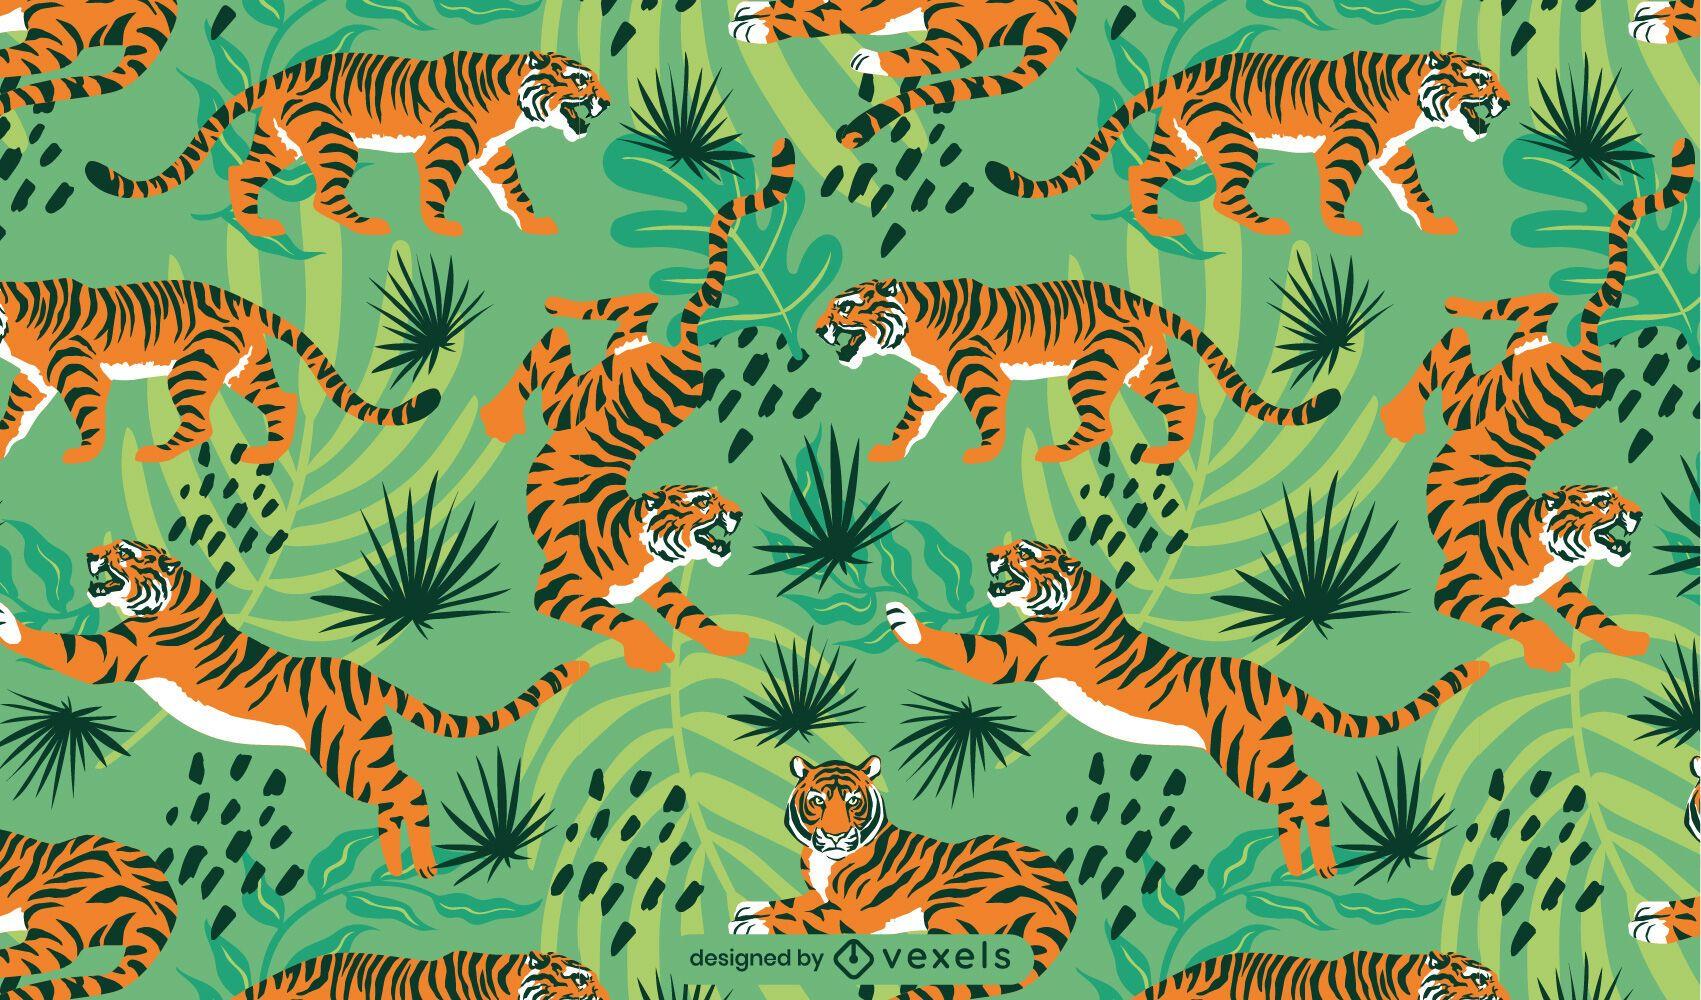 Diseño de patrón enlosable de tigre de la jungla